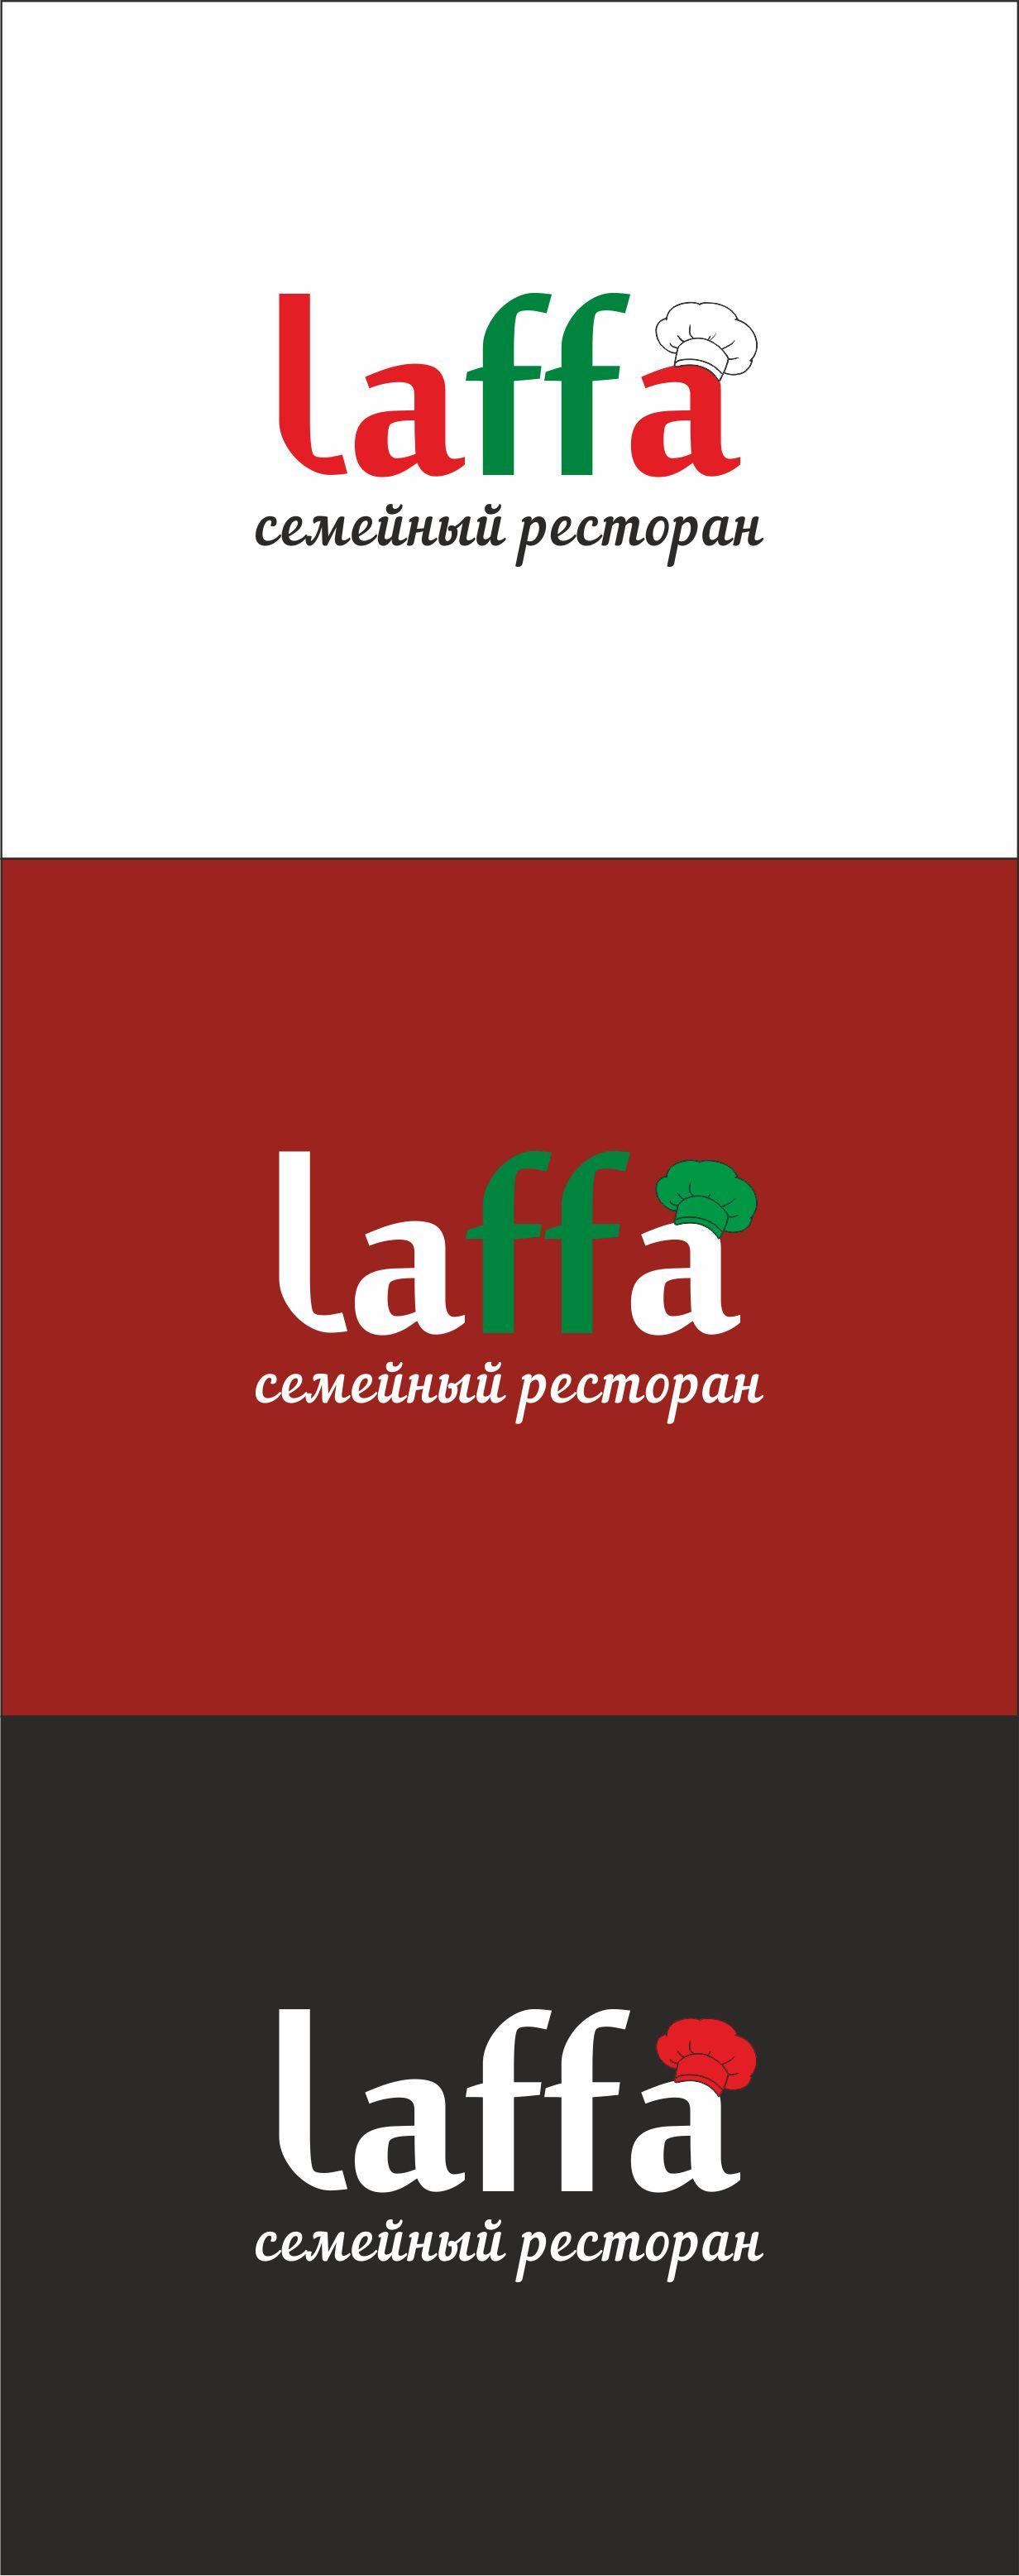 Нужно нарисовать логотип для семейного итальянского ресторан фото f_764554b684e691ec.jpg